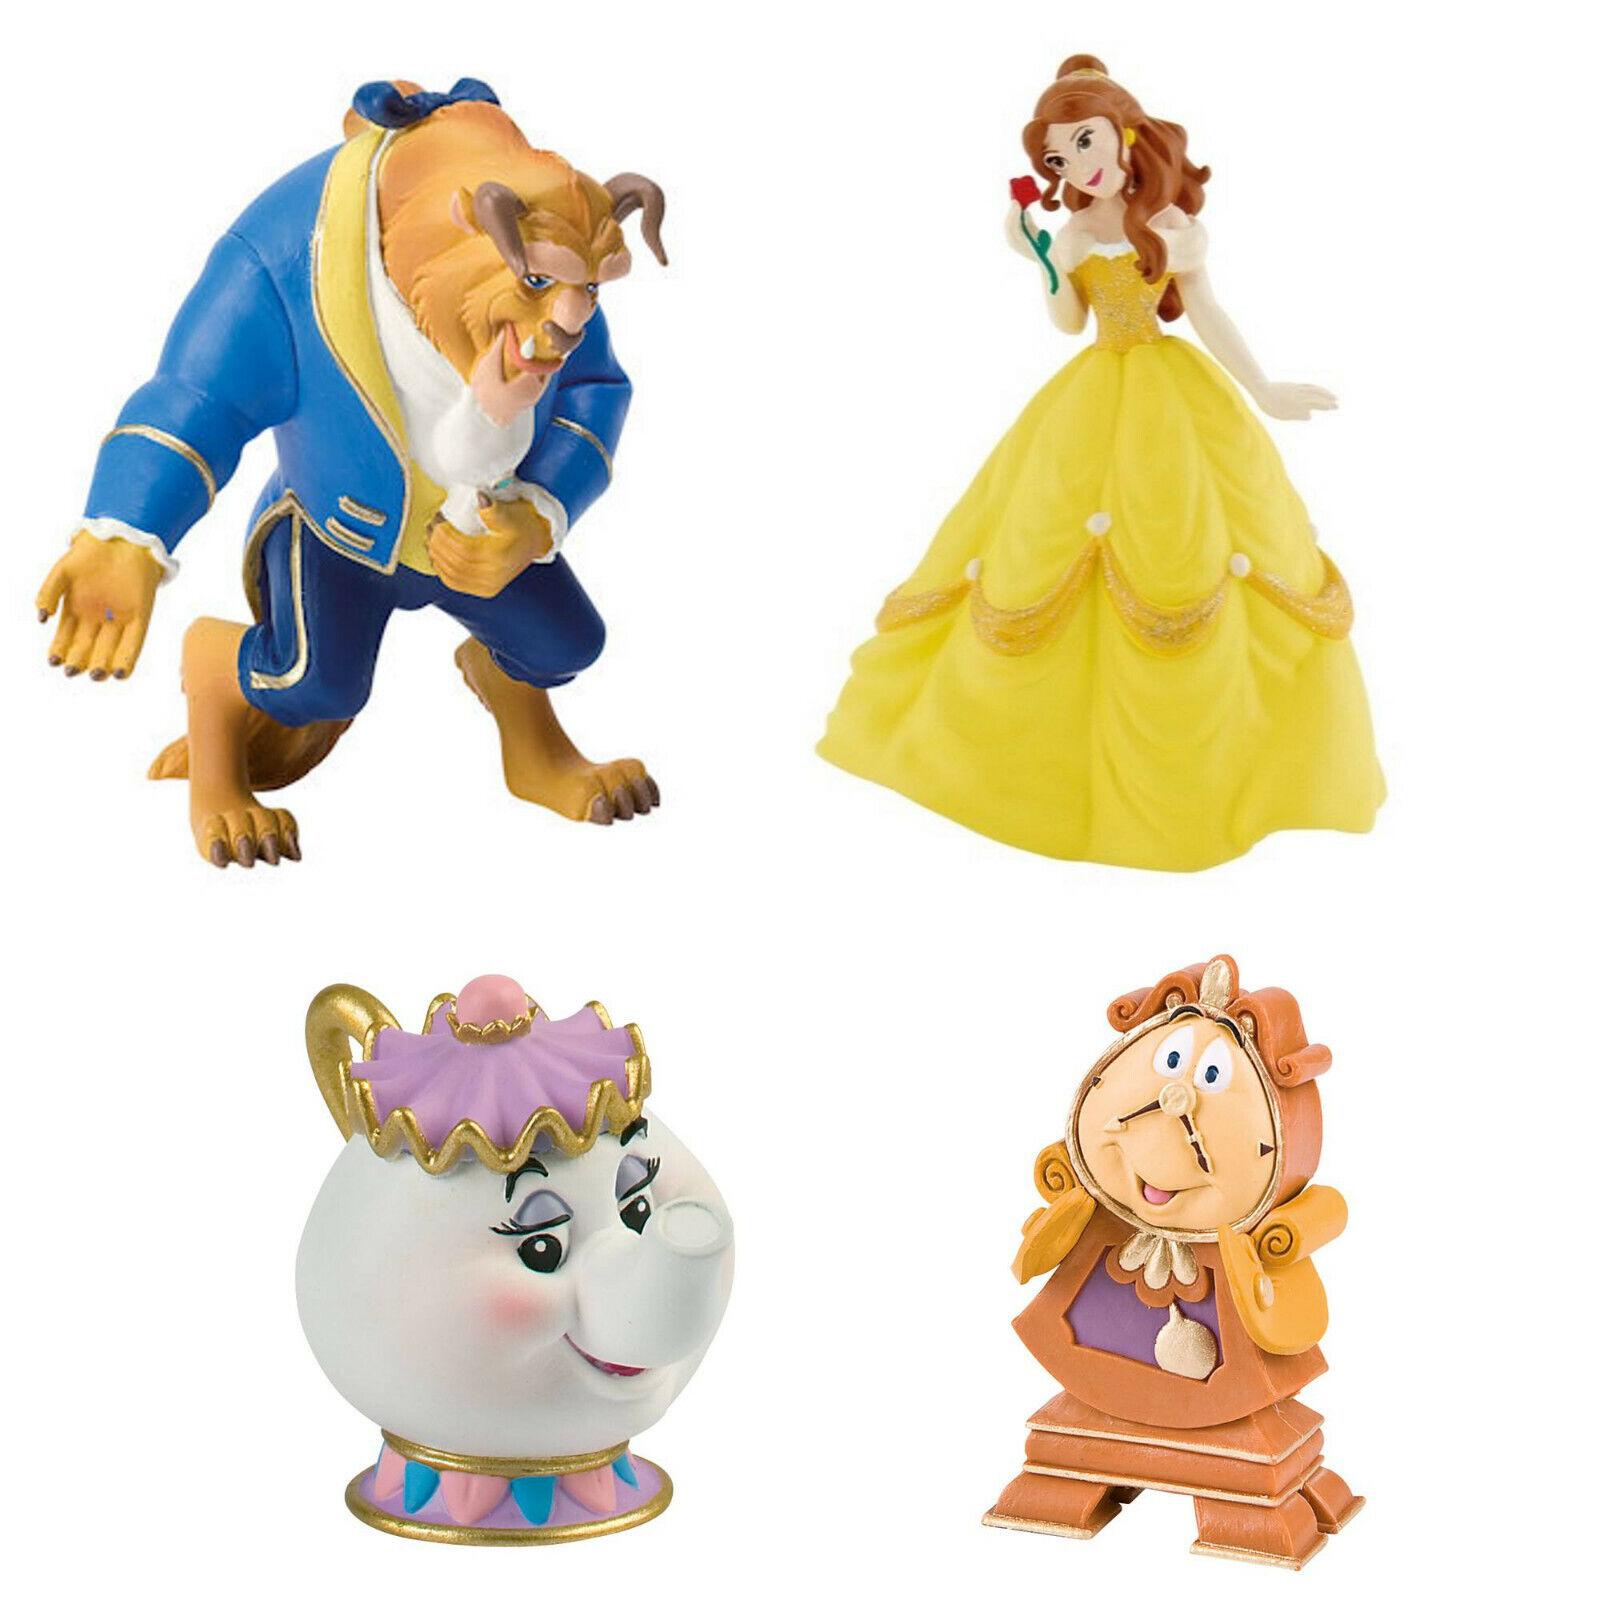 Bullyland Disney Figur / Tortenfigur *Die Schöne und das Biest* - NEU